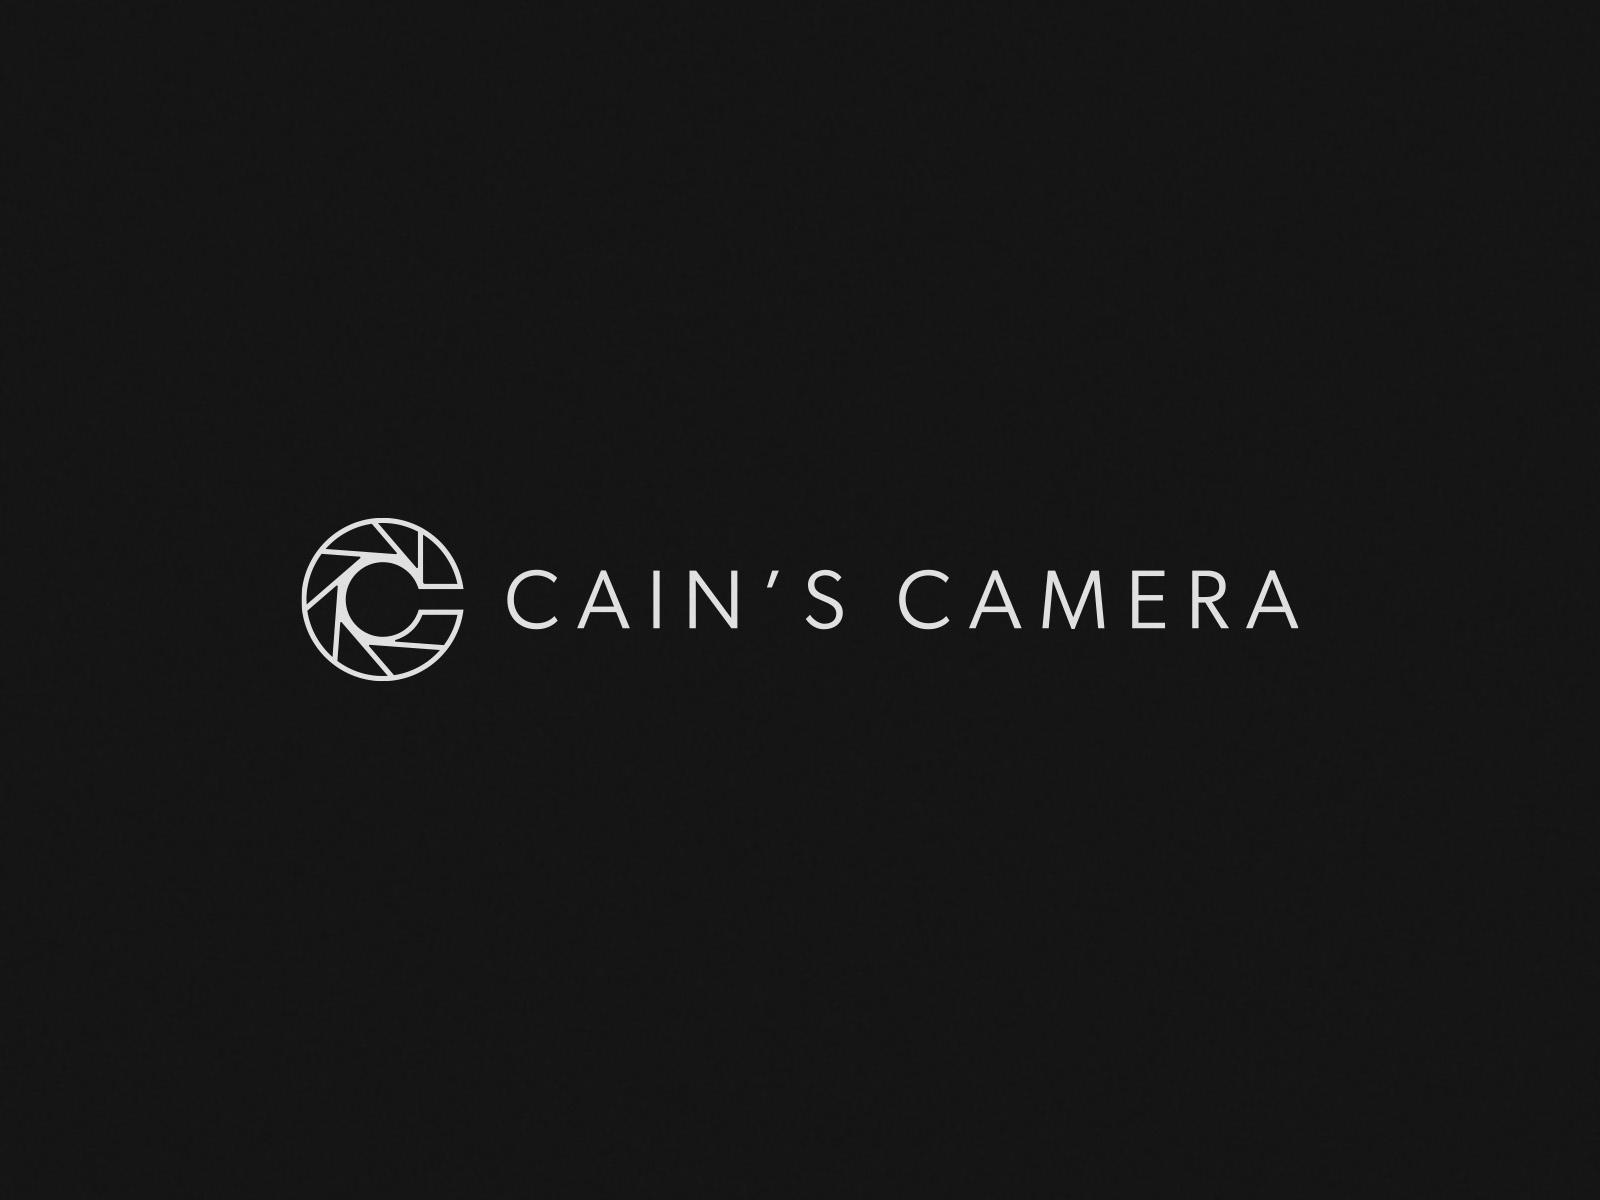 📷 Cain's Camera | Brand Identity 📷